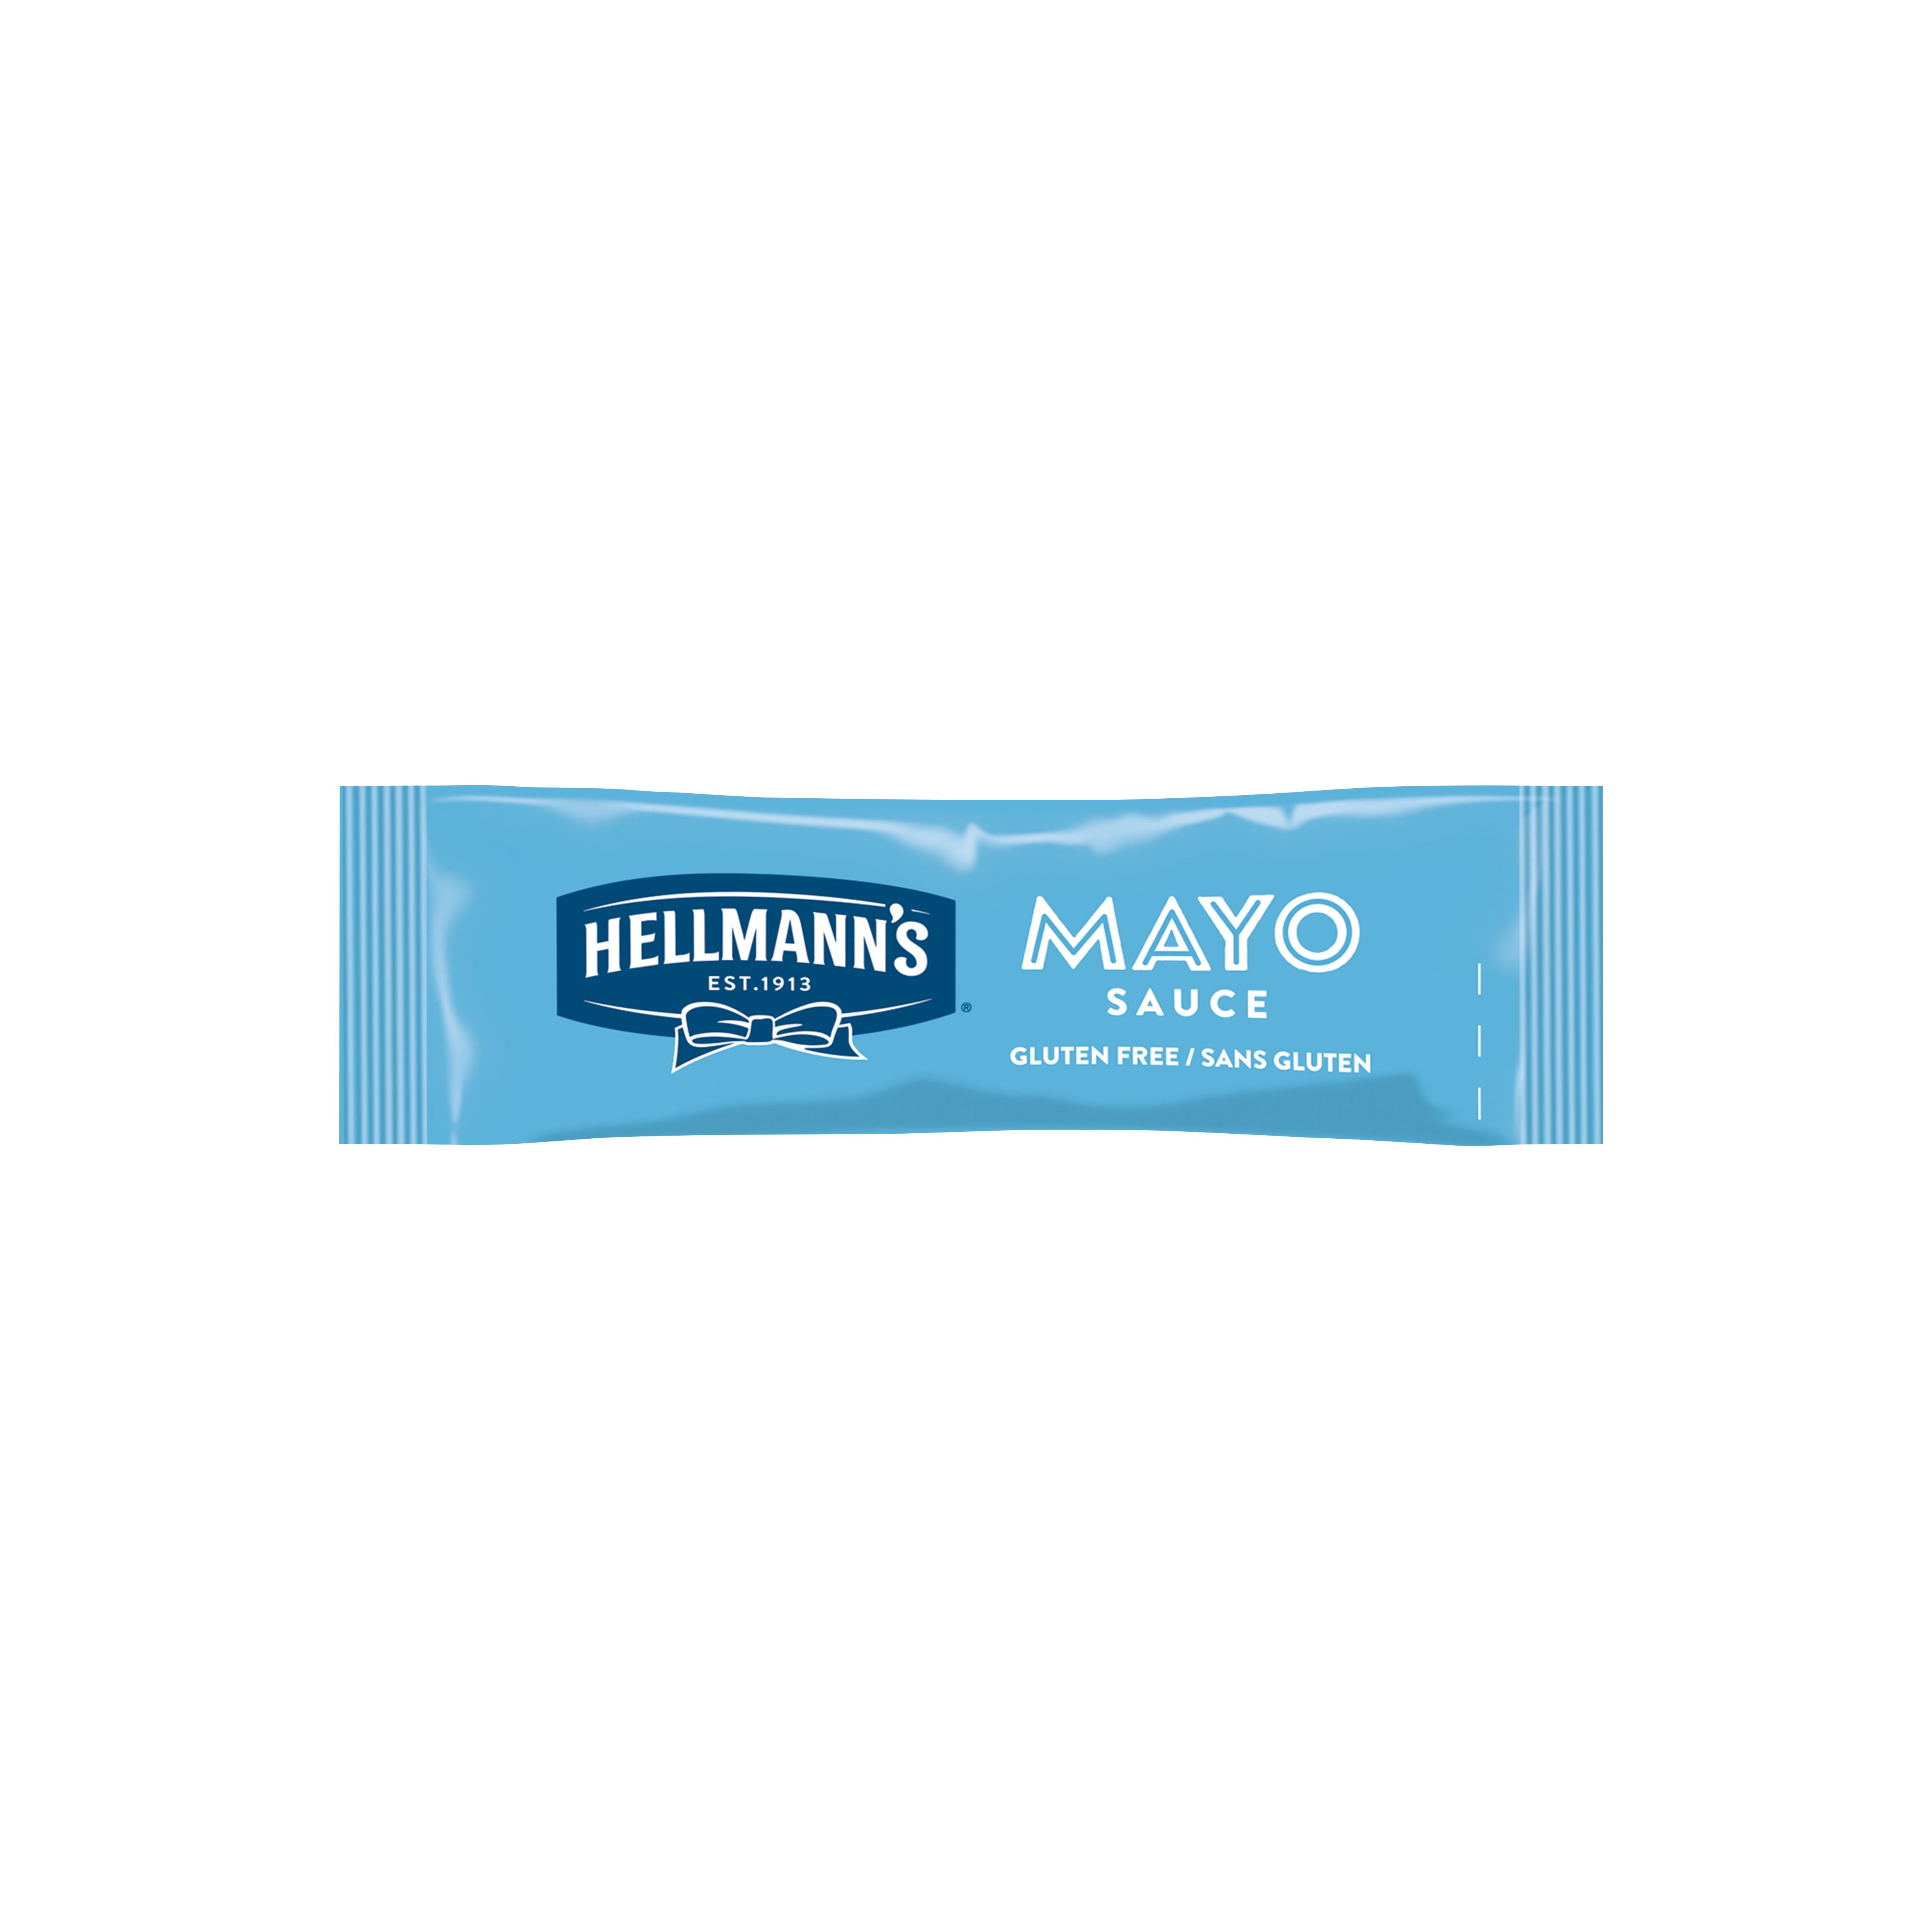 Hellmann's Lagana majoneza 198 x 10 ml  - Hellmann's hladni umaci u jednostavnom porcijskom pakiranju